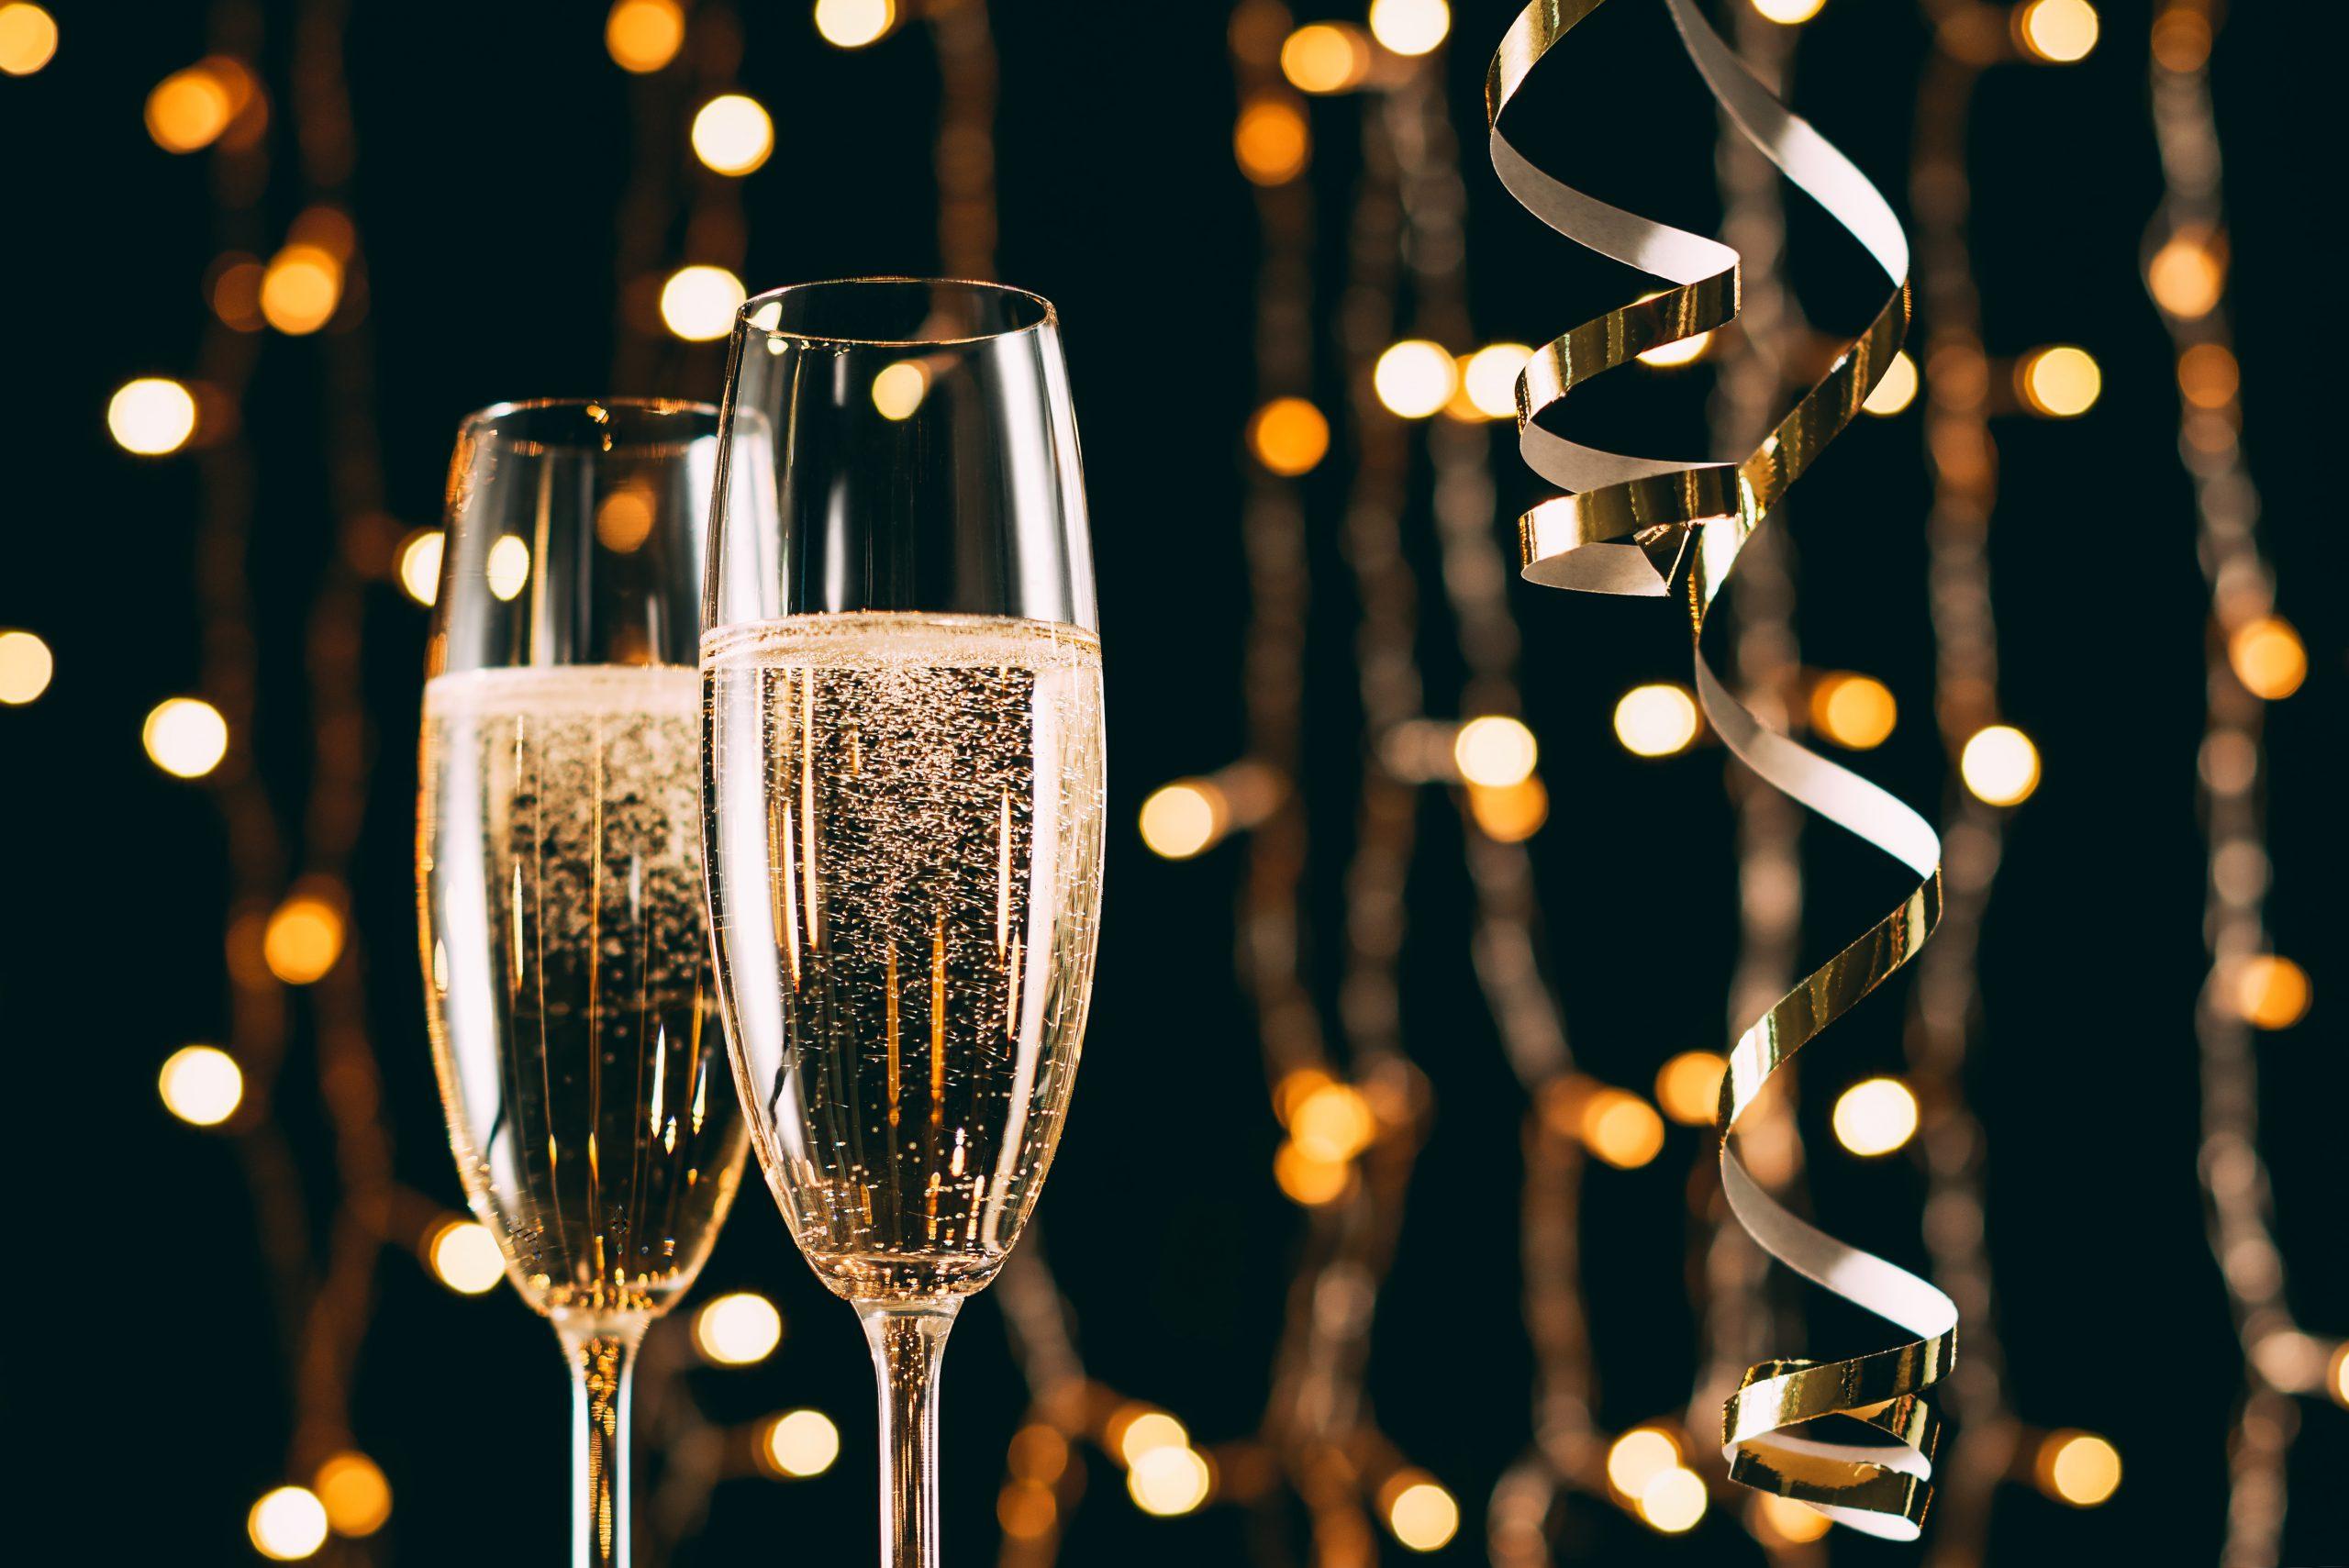 クリスマスはワインで至福のひと時を過ごそう!